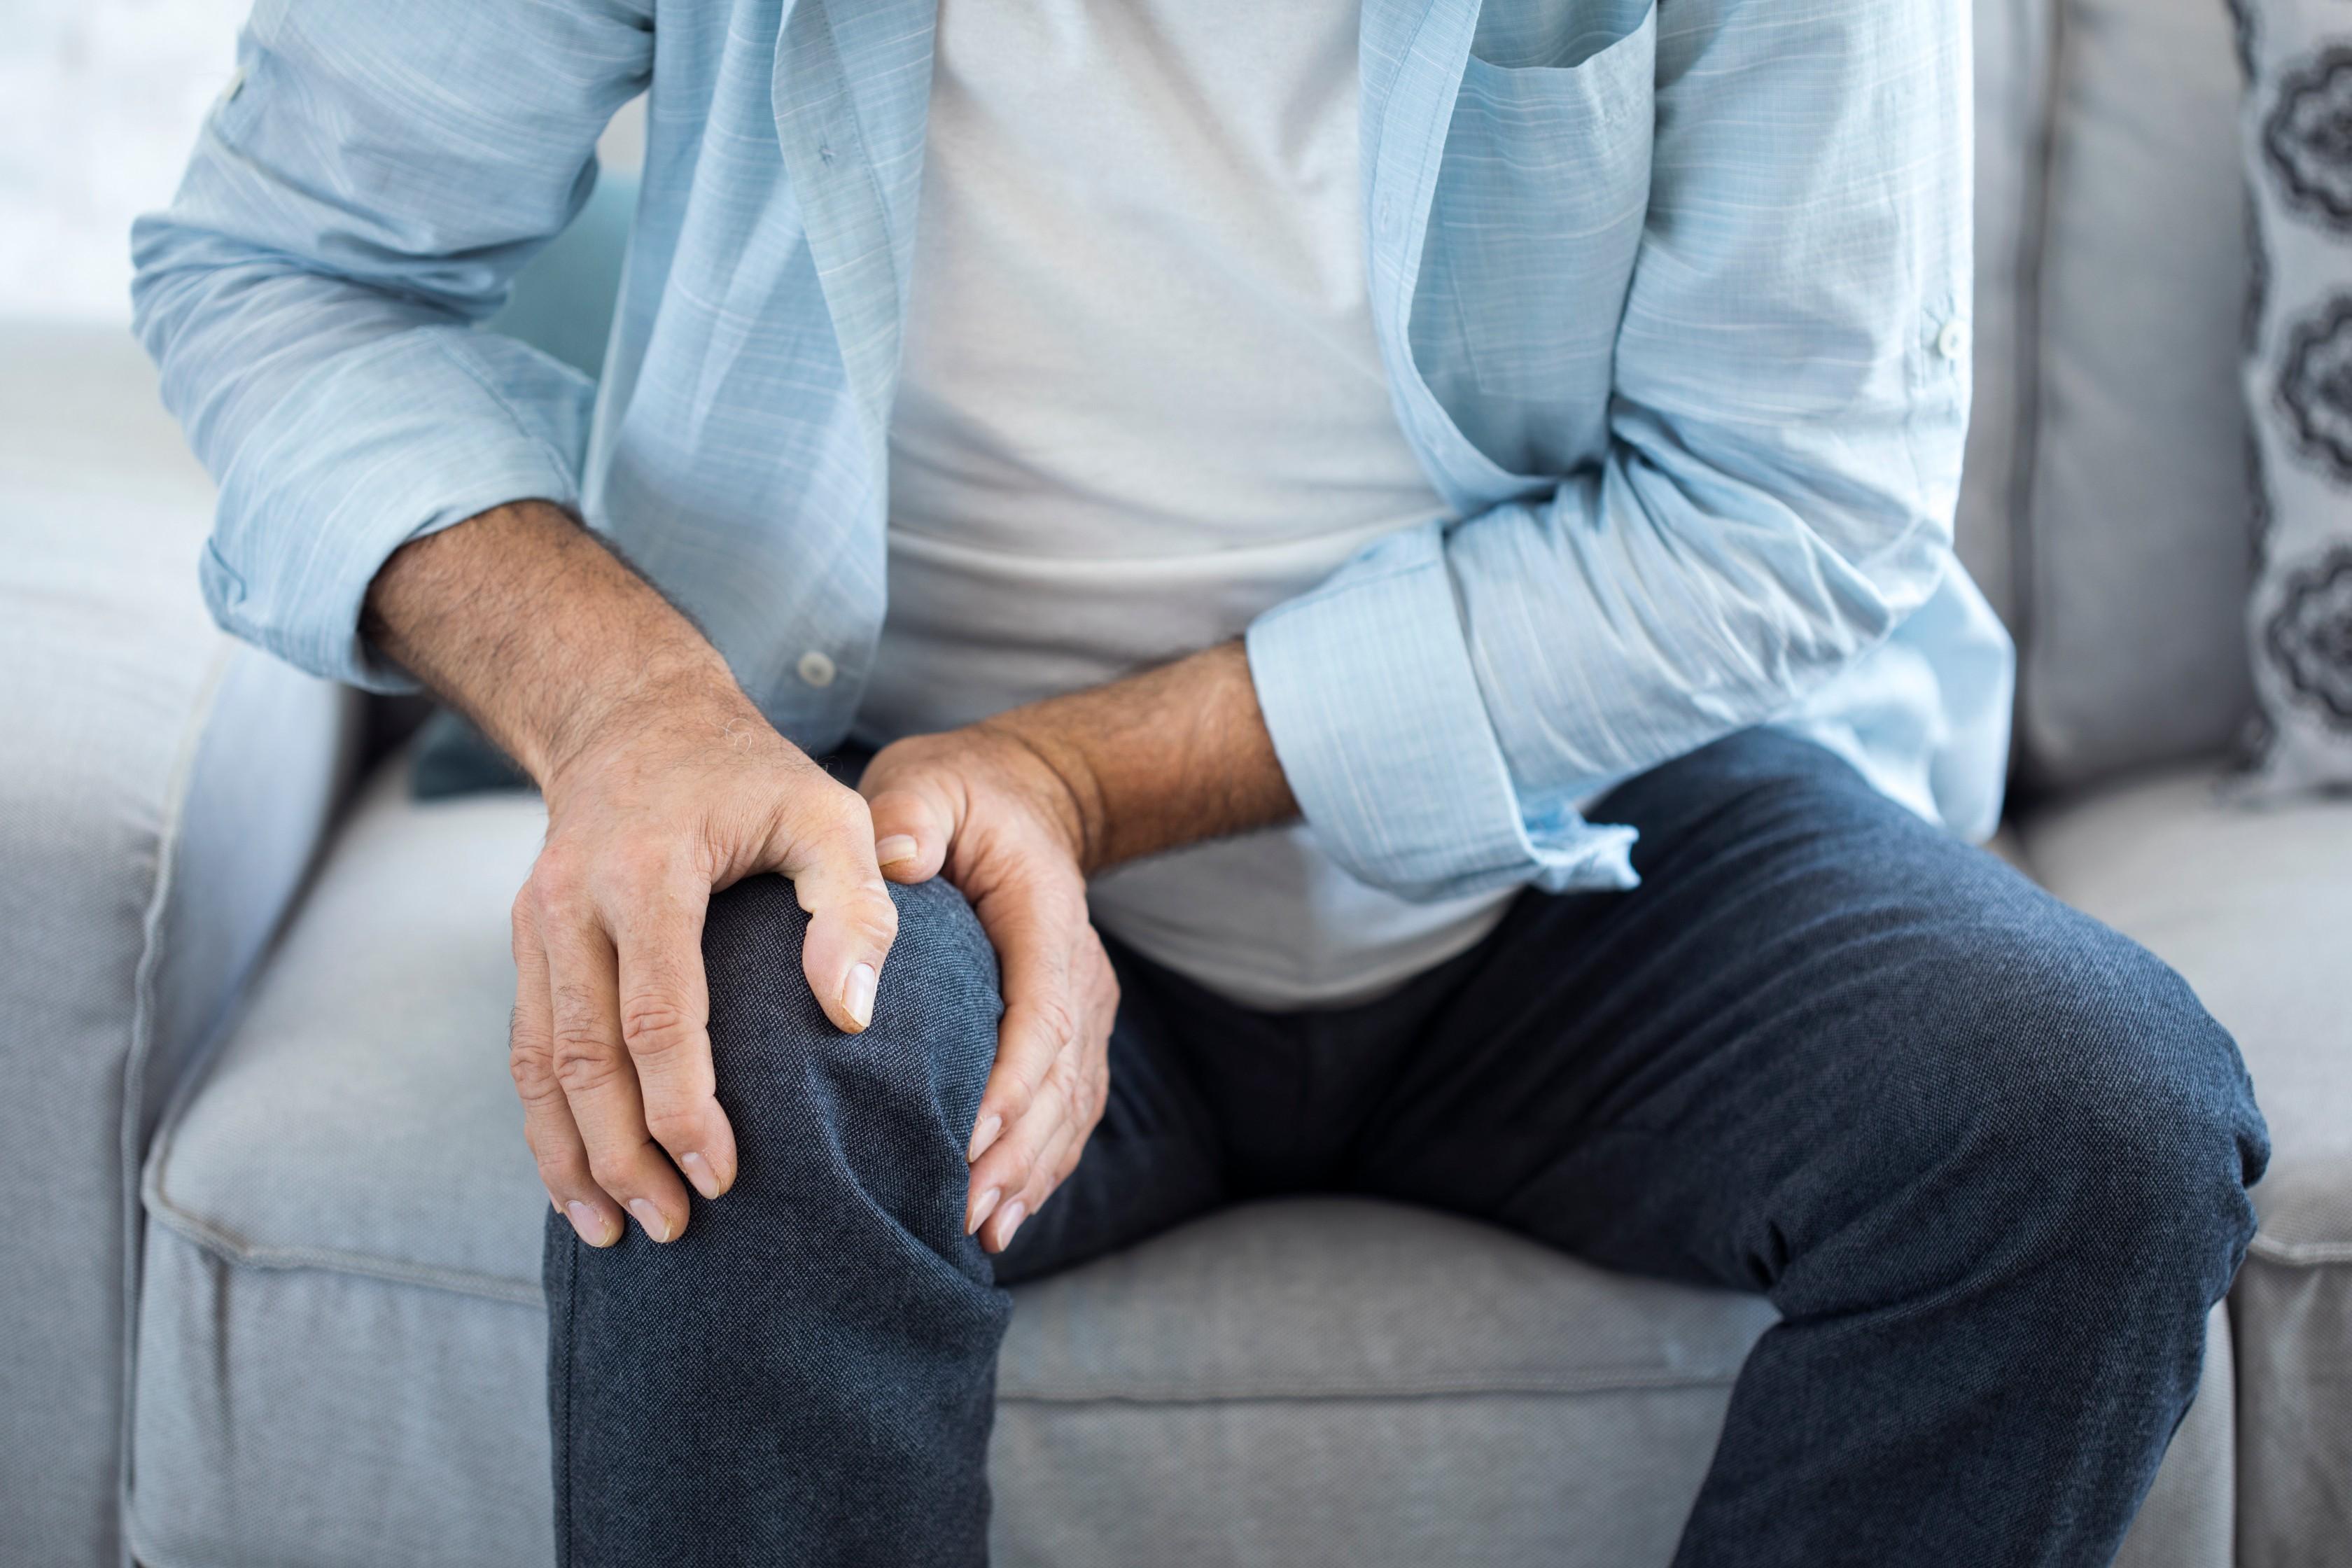 ízületek fájdalmat okoznak a mazsola olcsó kondroitin és glükózamin tabletta